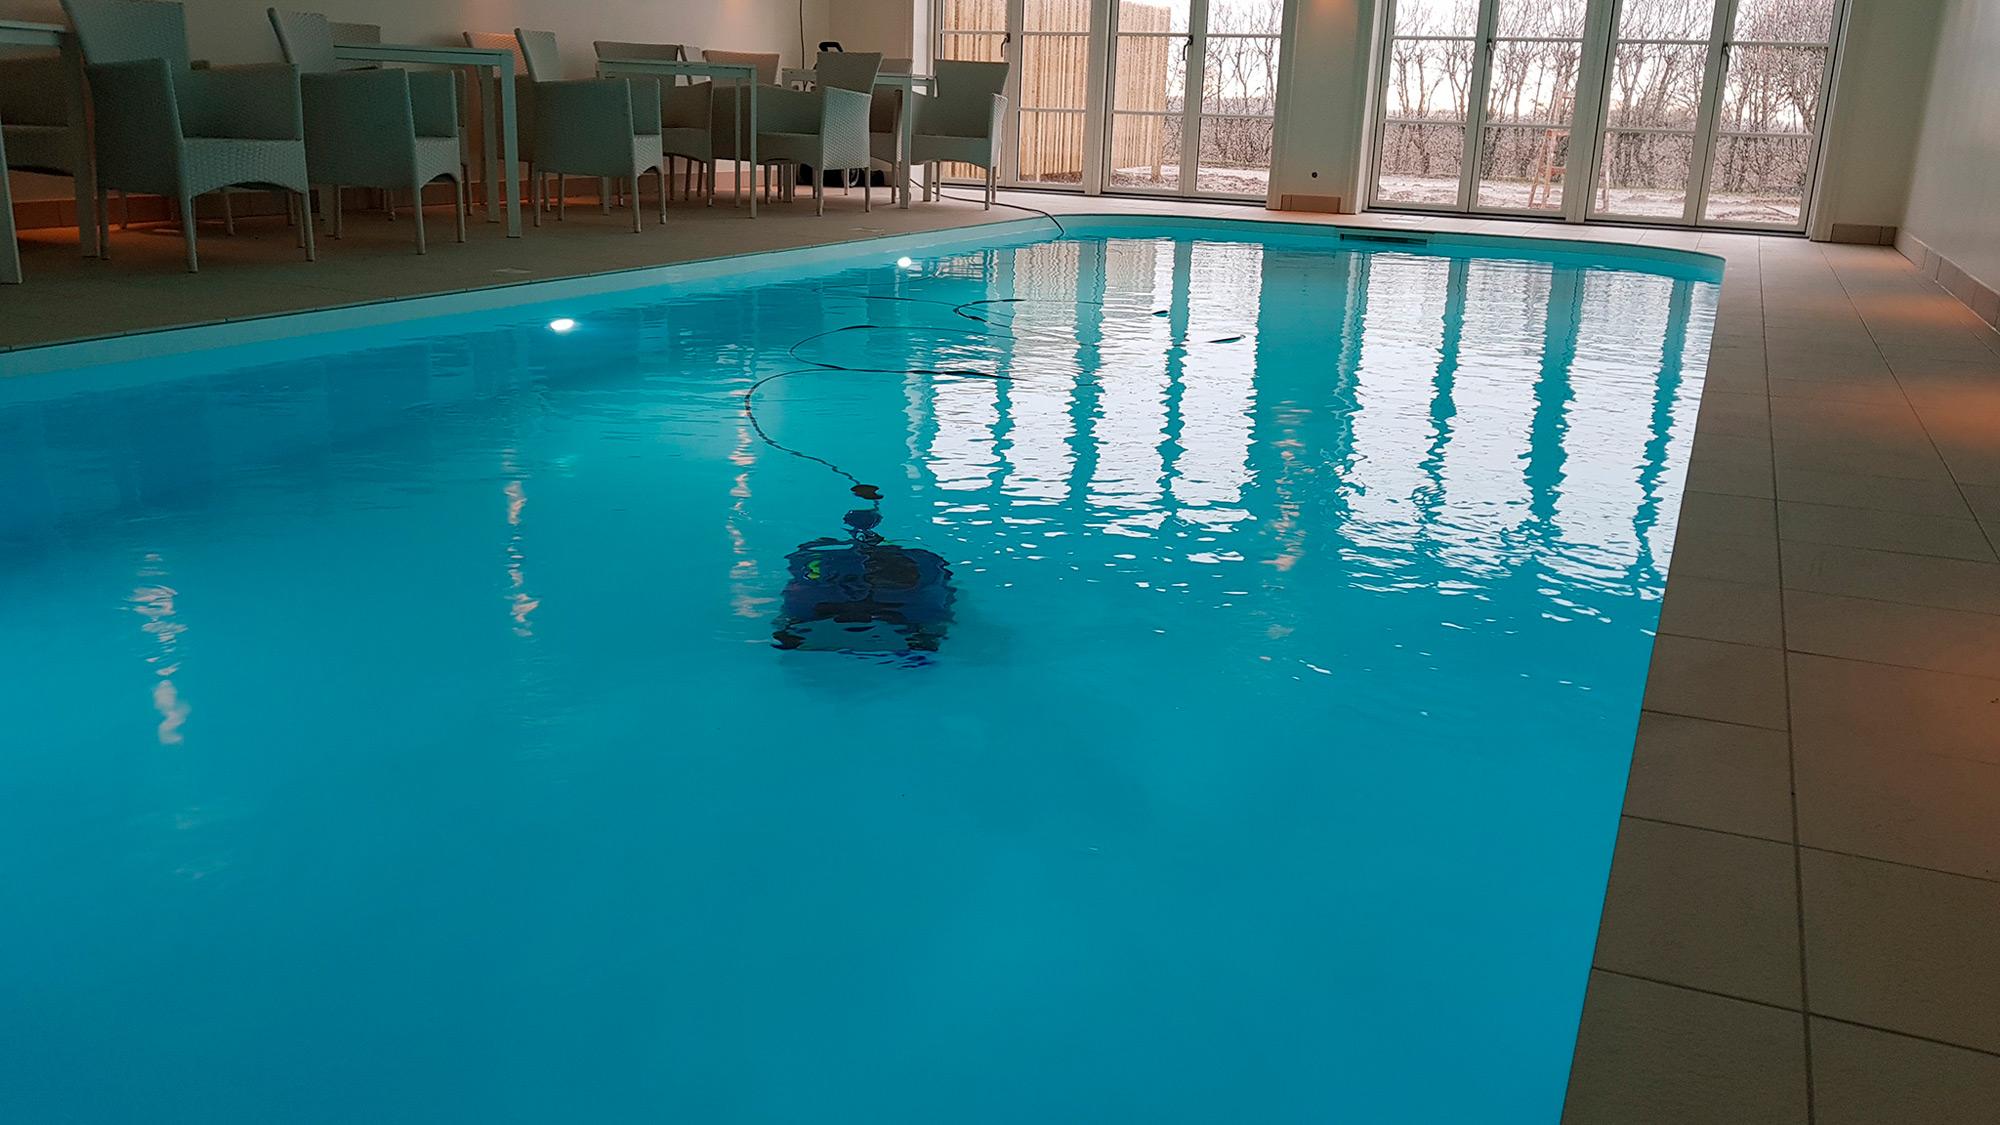 PP indendørs pool med poolrobot